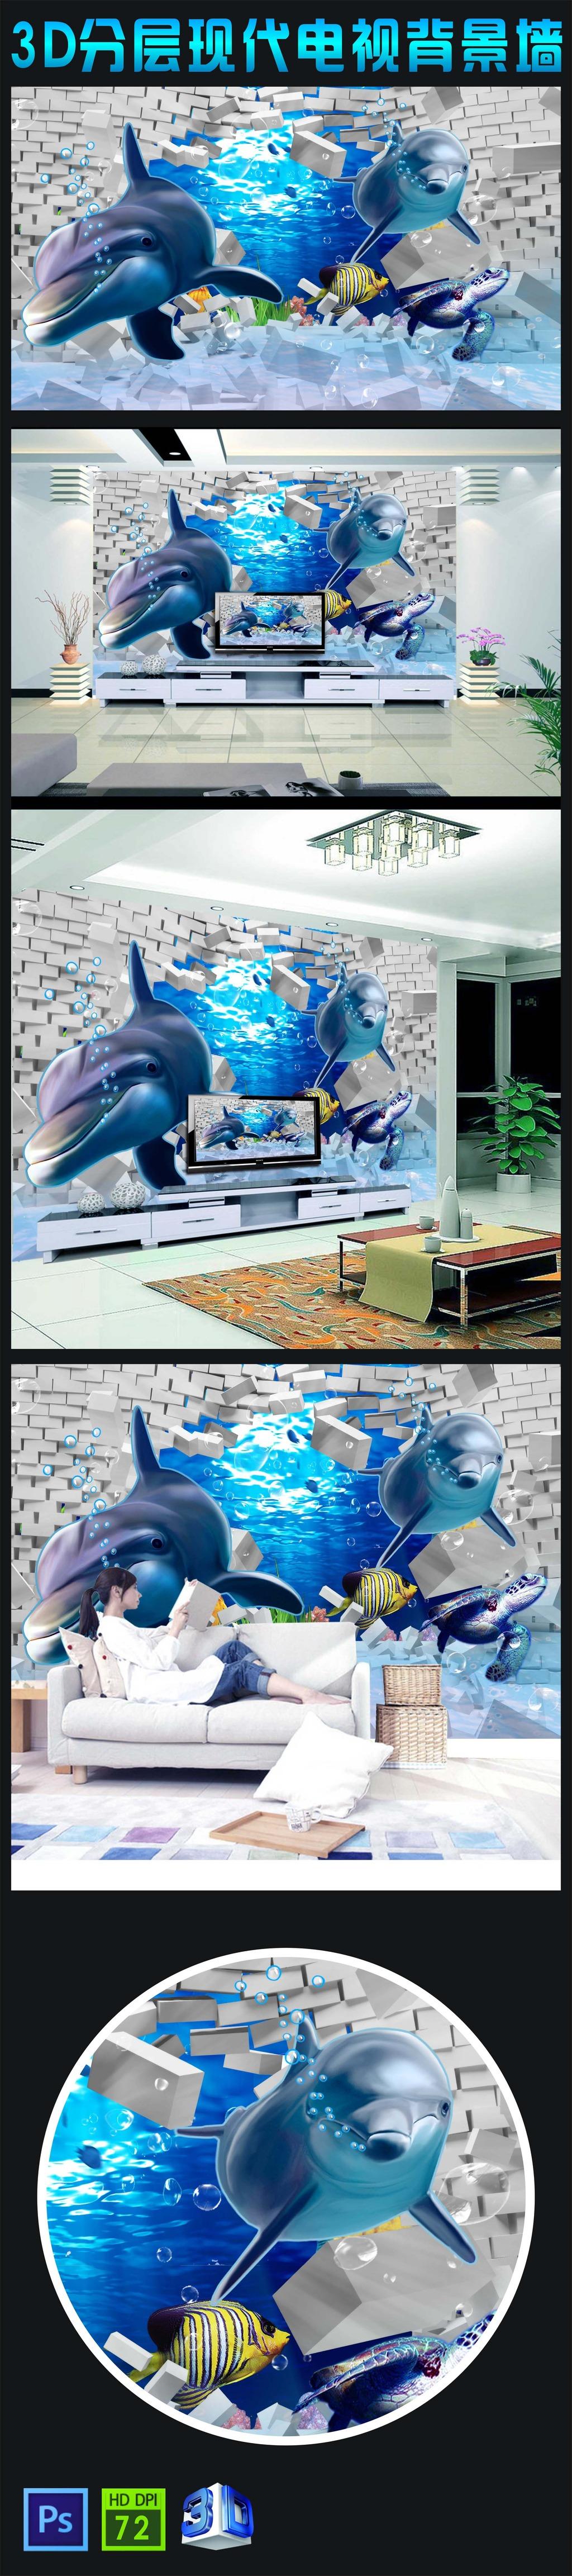 背景墙|装饰画 电视背景墙 3d电视背景墙 > 3d海底世界海底总动员电视